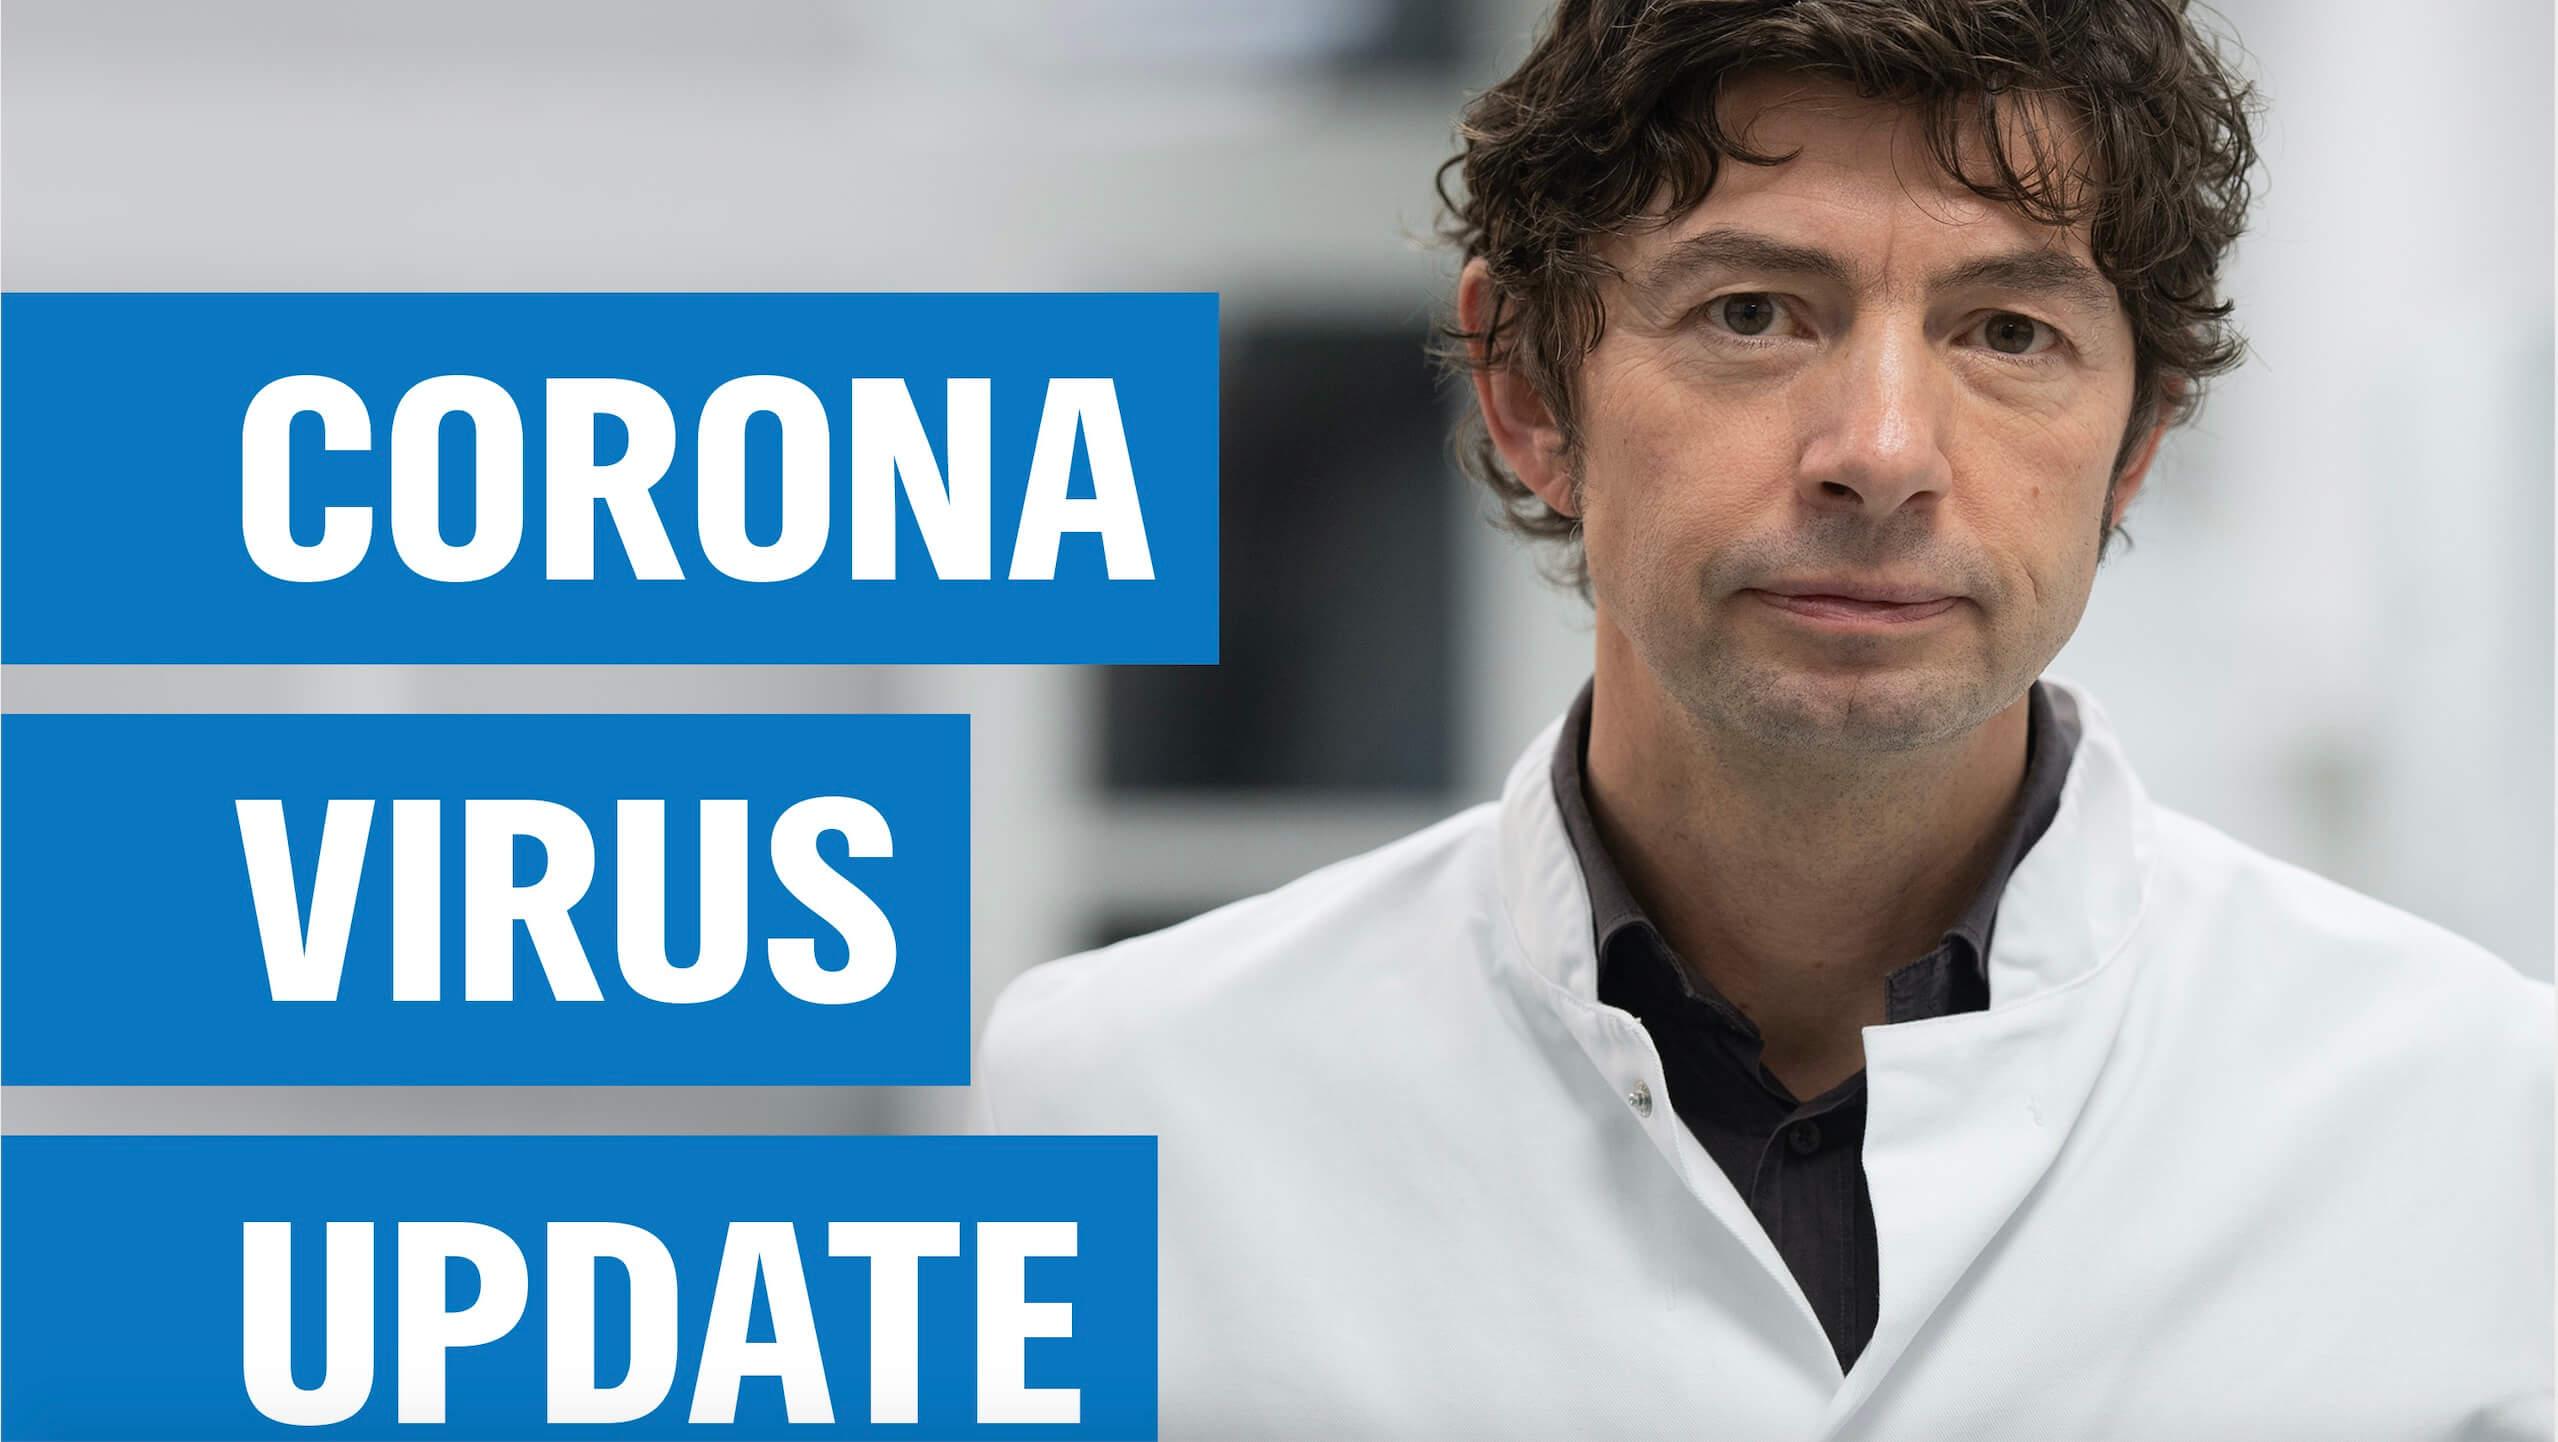 Der Corona Podcast mit dem Virologen Prof. Drosten